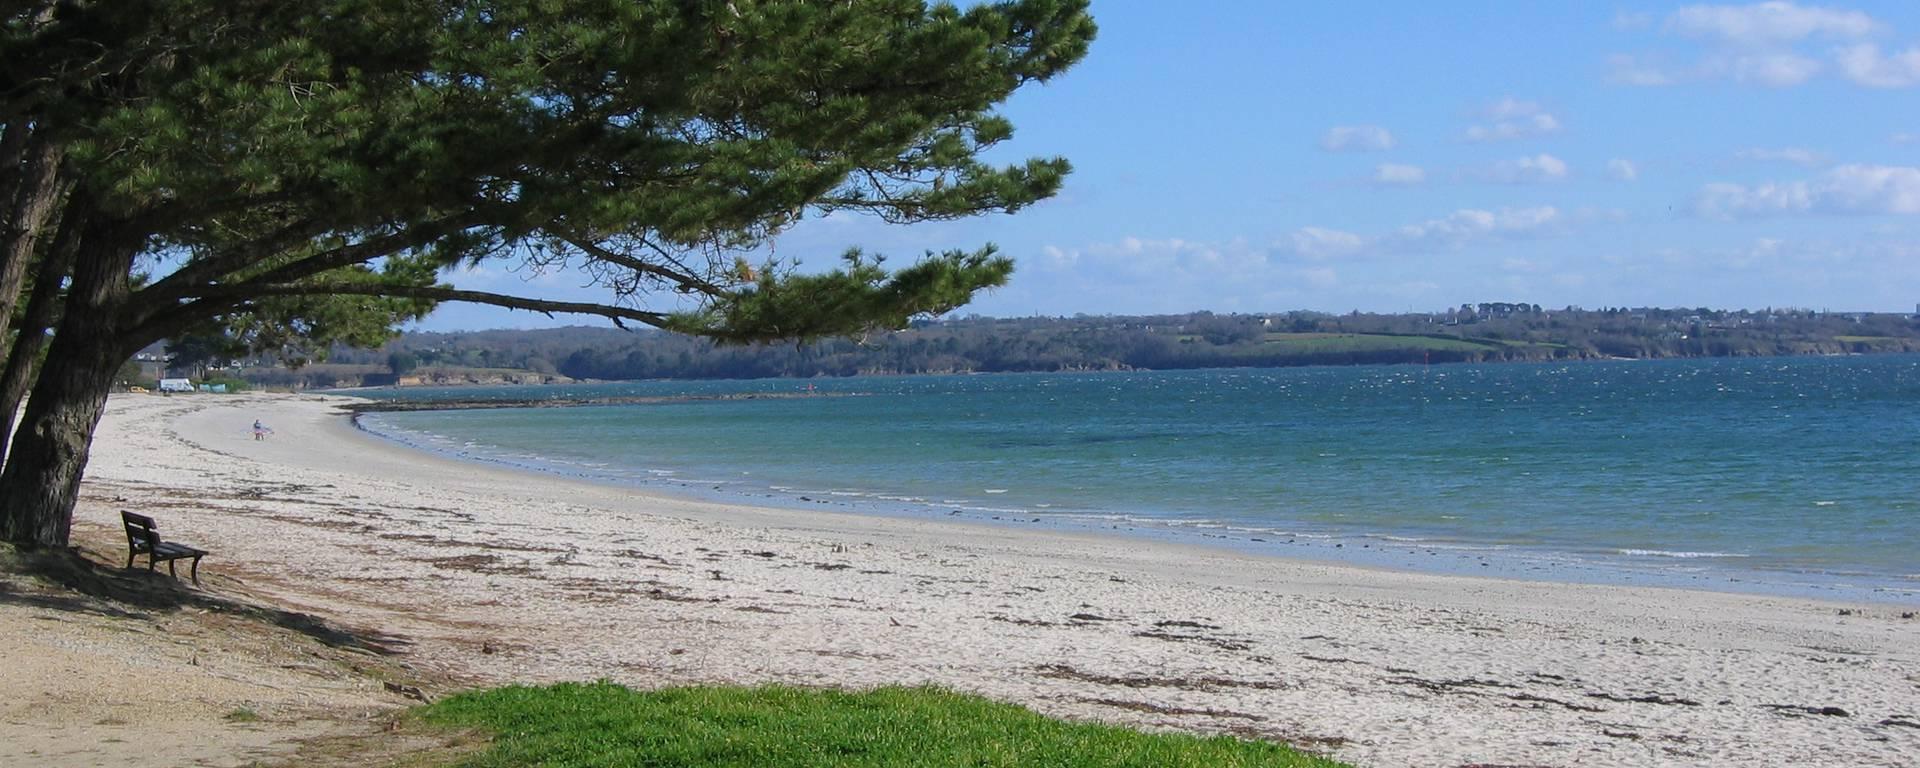 La plage du Cap Coz